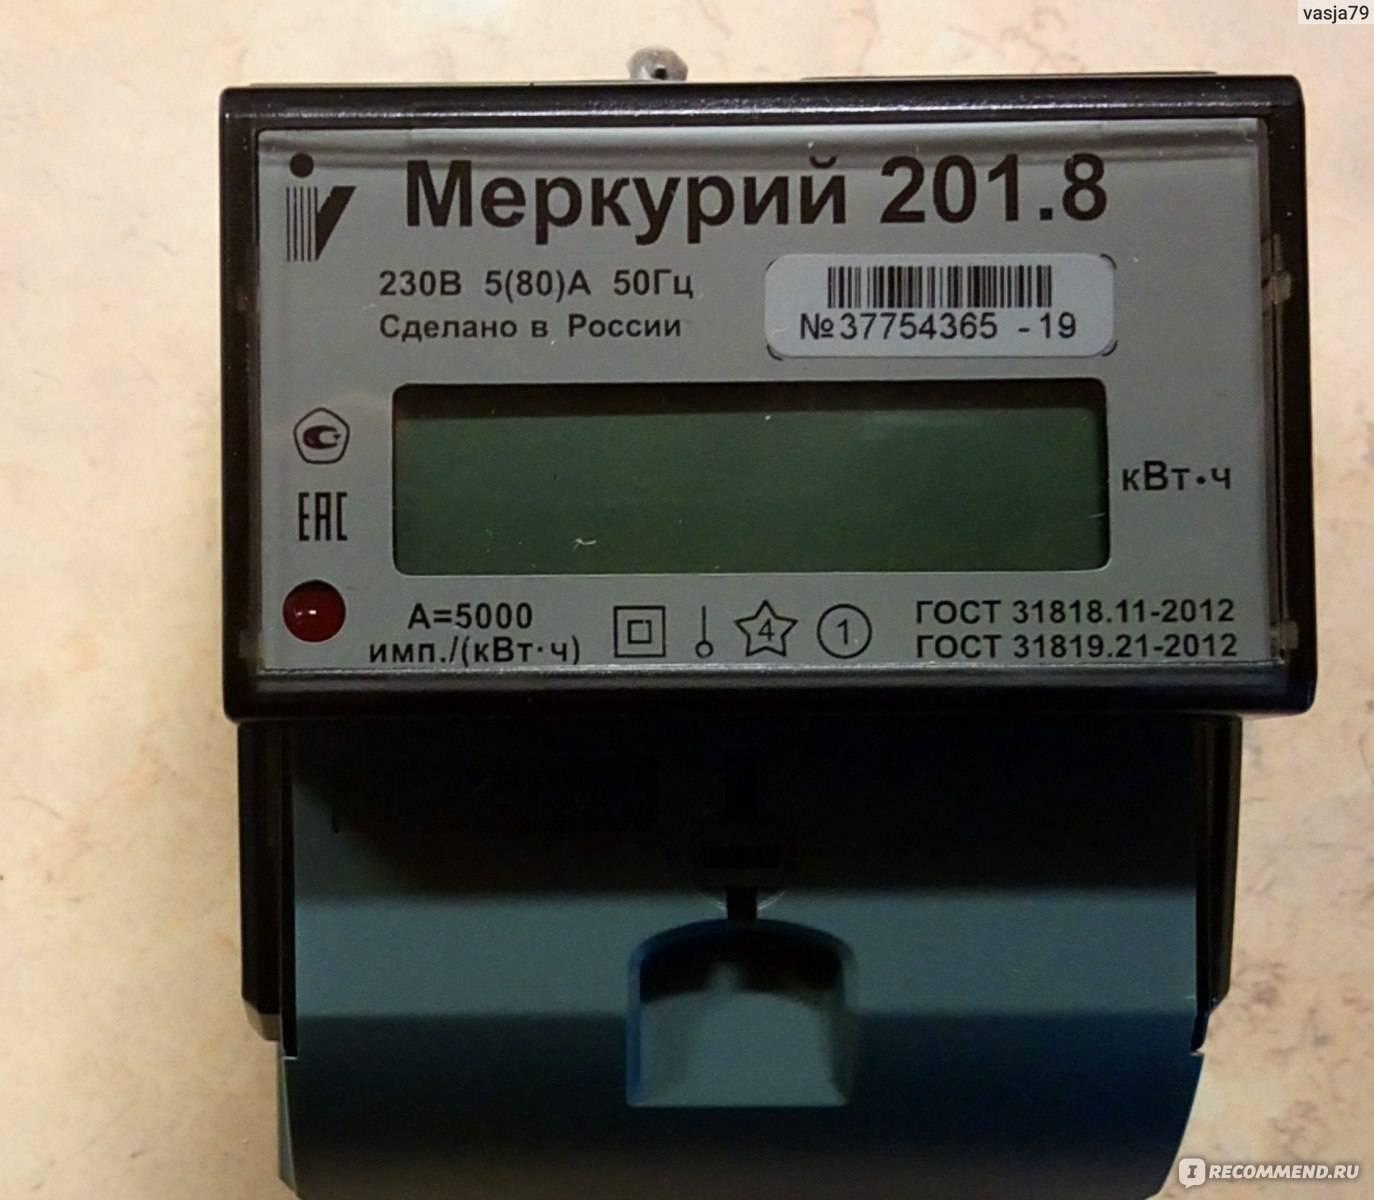 Меркурий 202 – счетчик электроэнергии: модификации, технические характеристики, паспорт электросчетчика, схема монтажа, как снимать показания, межповерочный интервал.